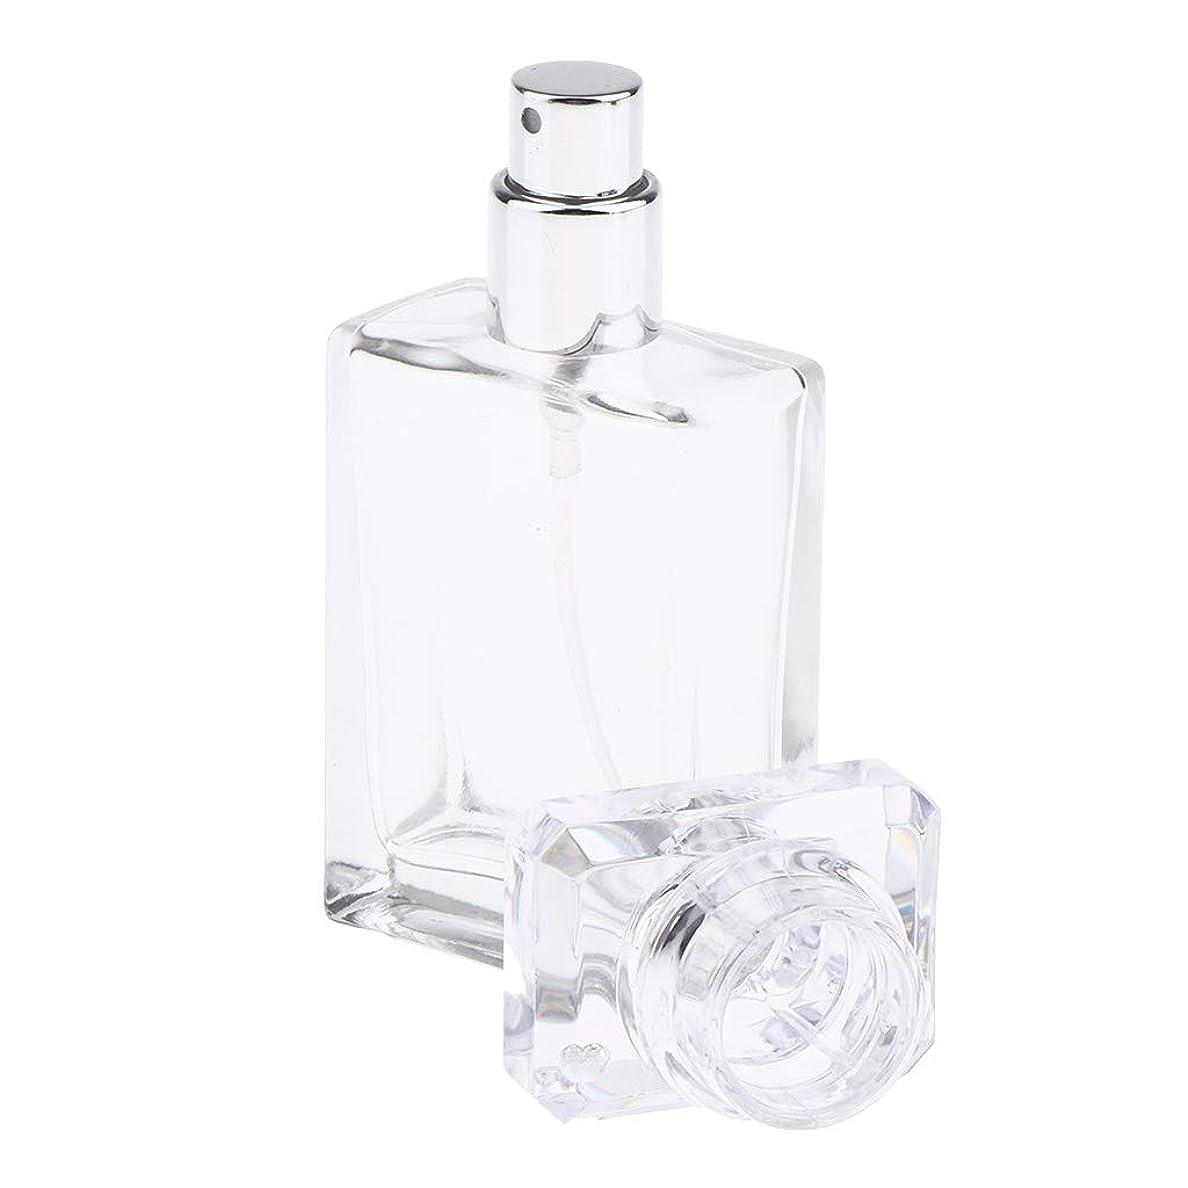 城処方ヨーロッパPerfeclan アロマボトル 香水瓶 アトマイザー スプレーボトル 香水 ガラスポンプボトル 2色選ぶ 空の化粧品ボトル - クリア